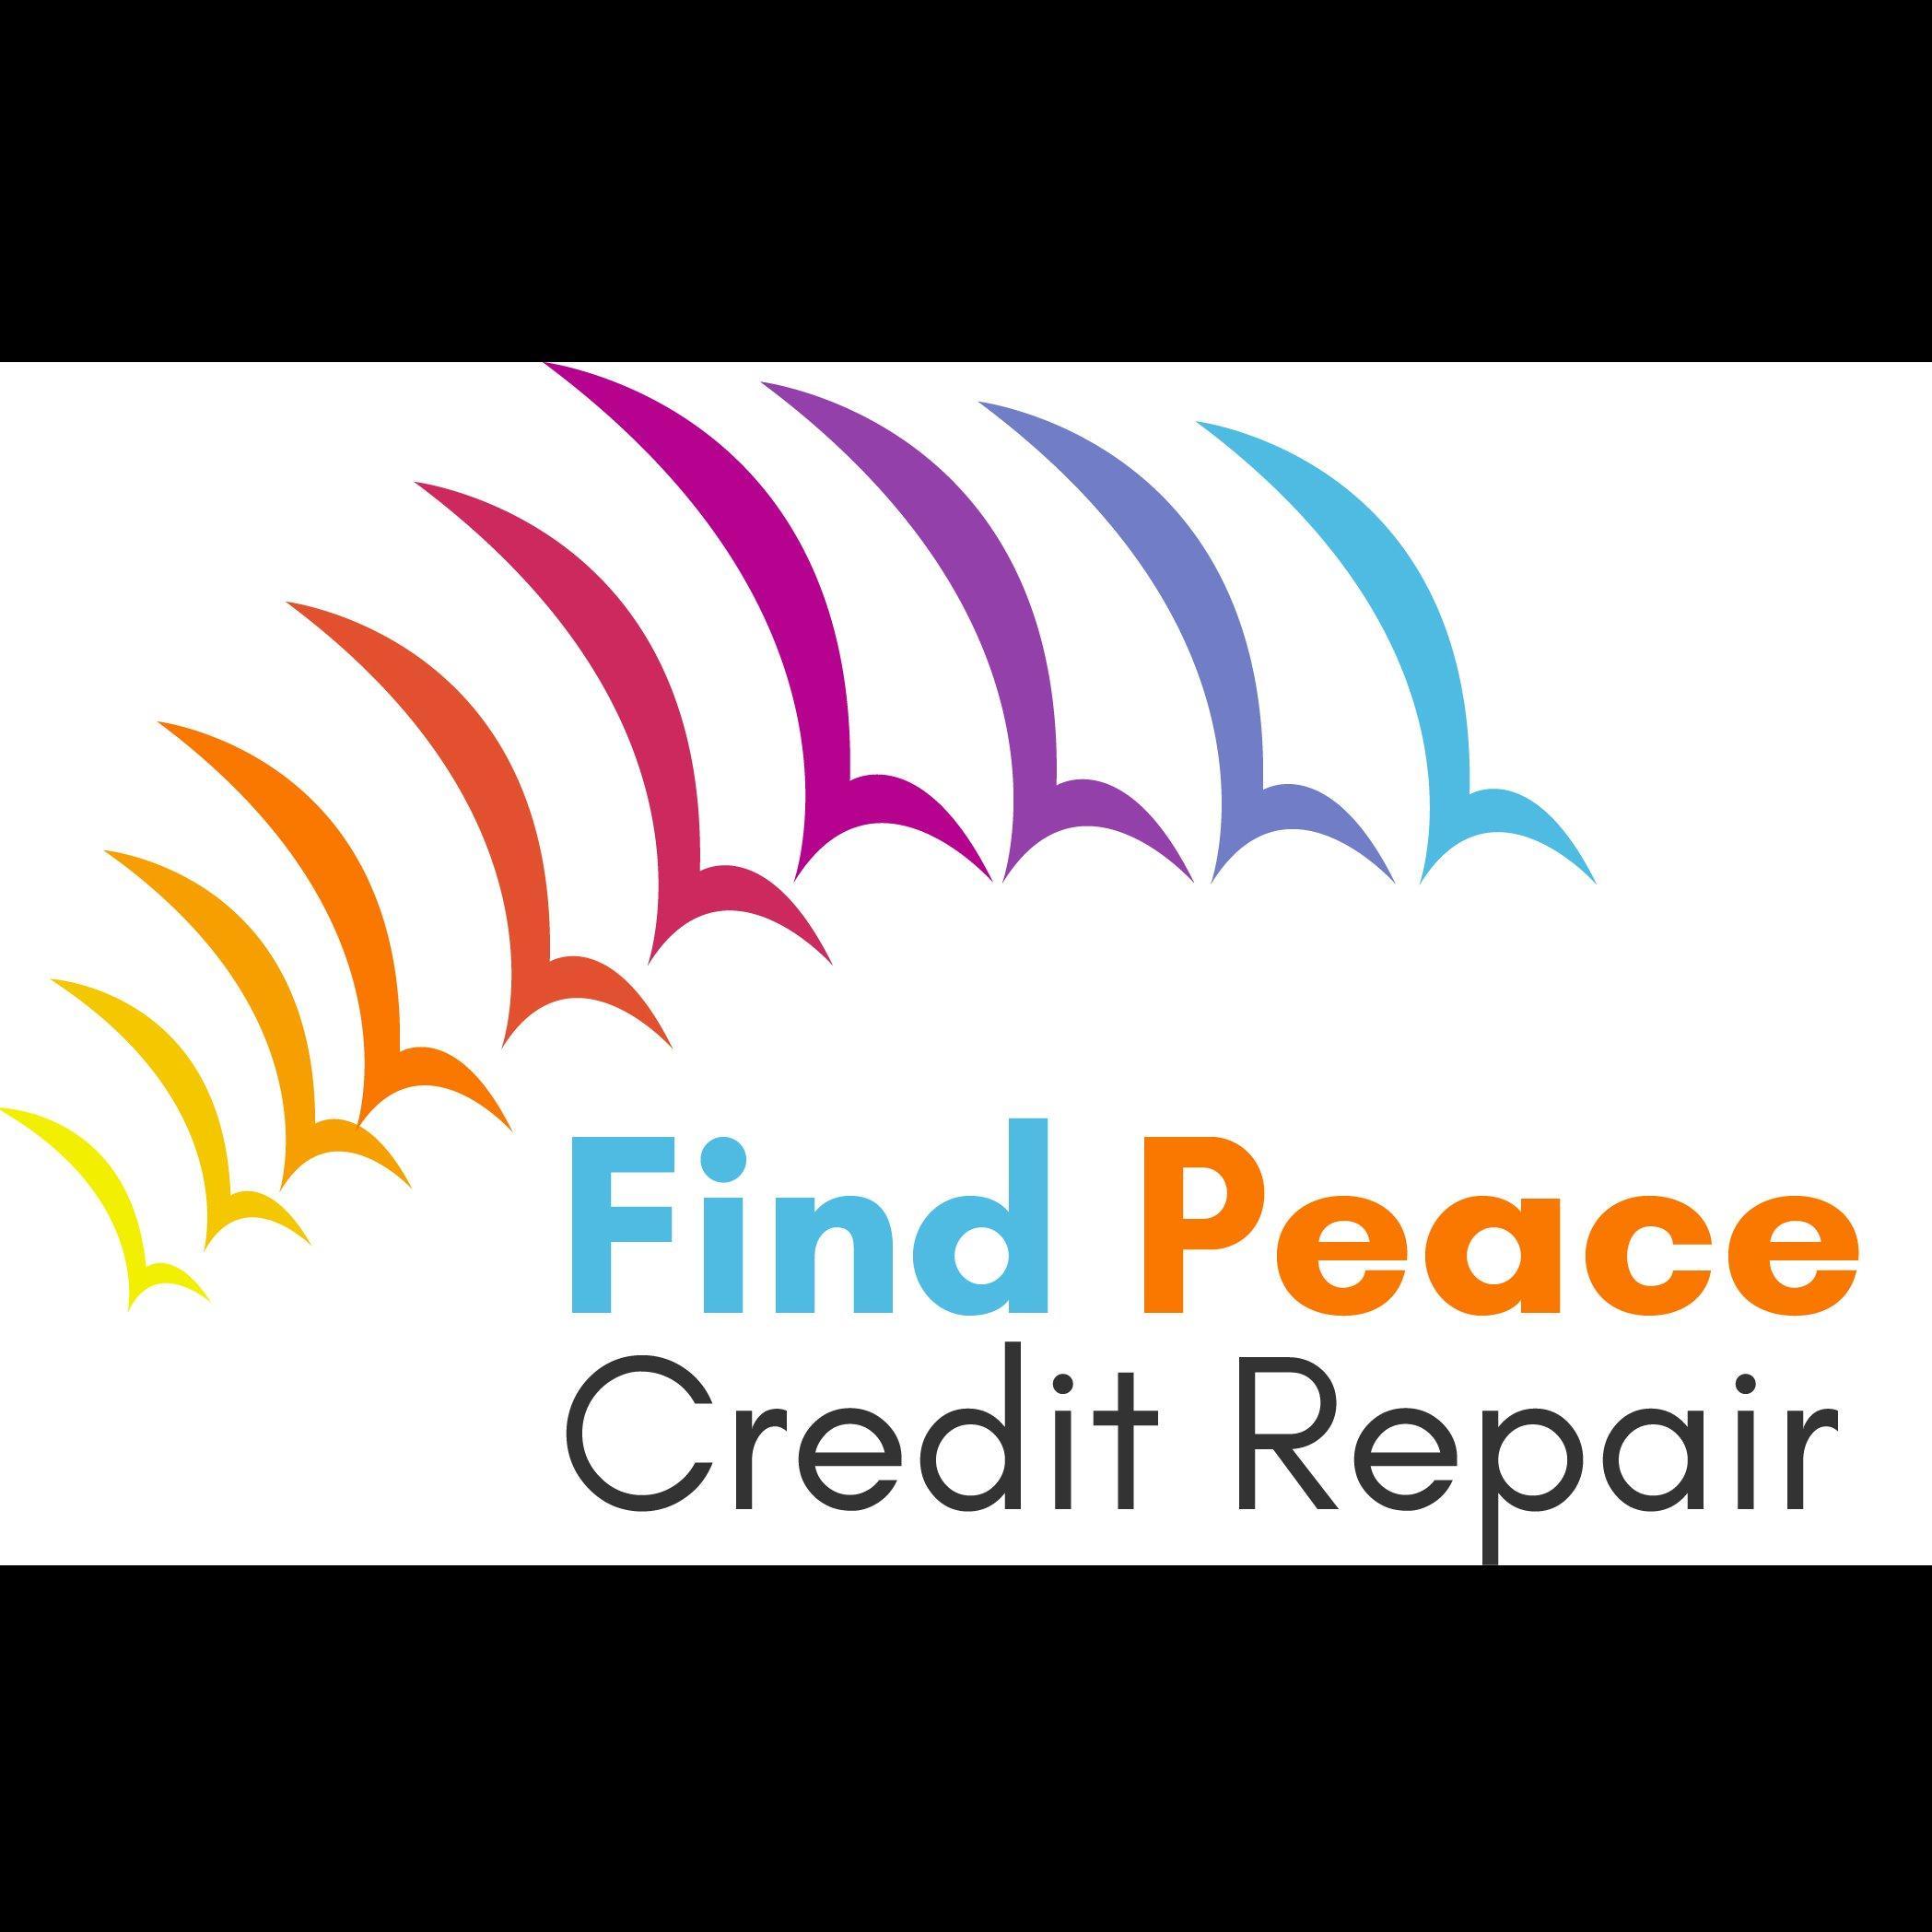 Find Peace Credit Repair